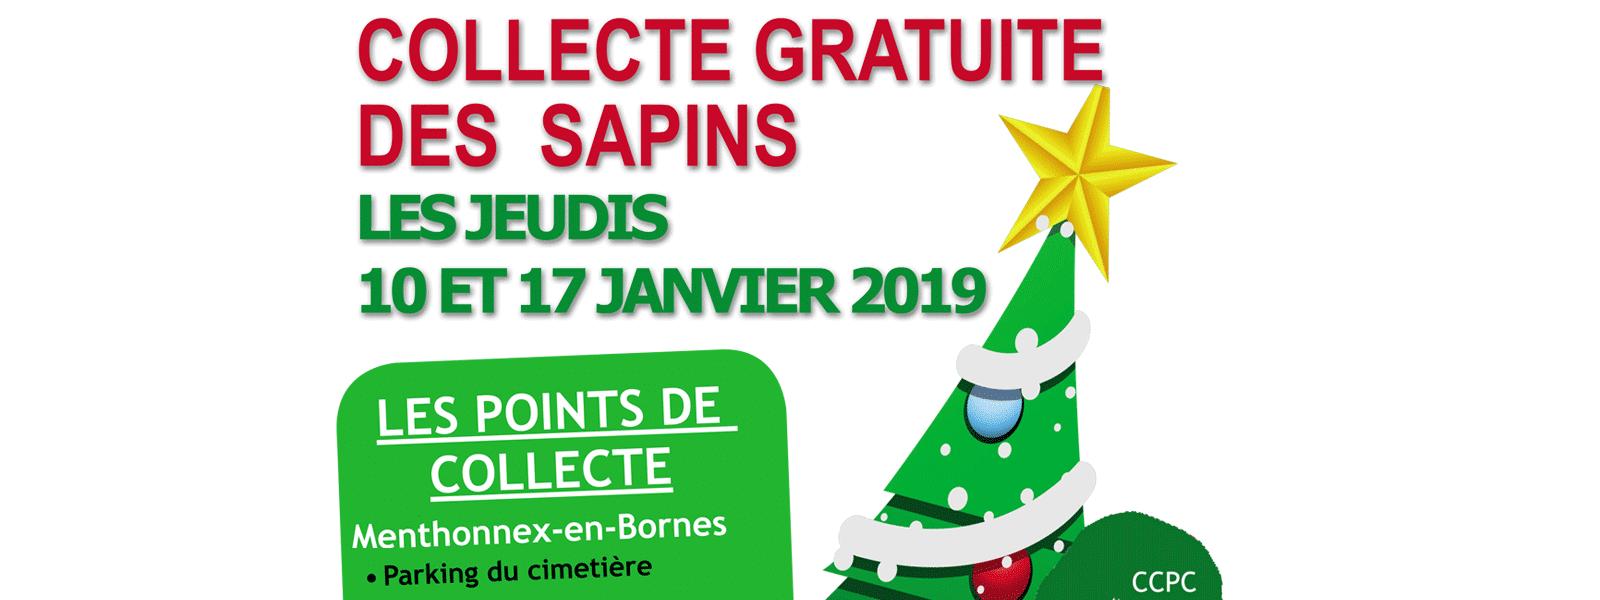 Collecte de sapins de noël les jeudis 10 et 17 janvier 2019.